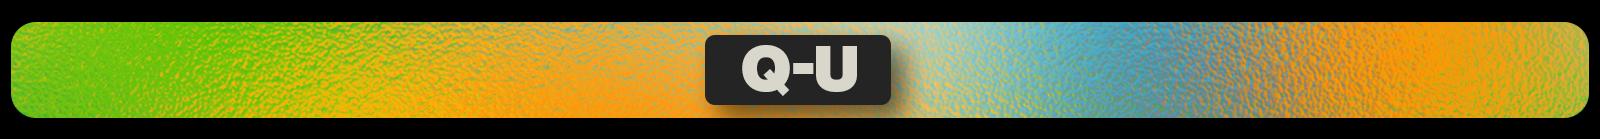 Q-U.png